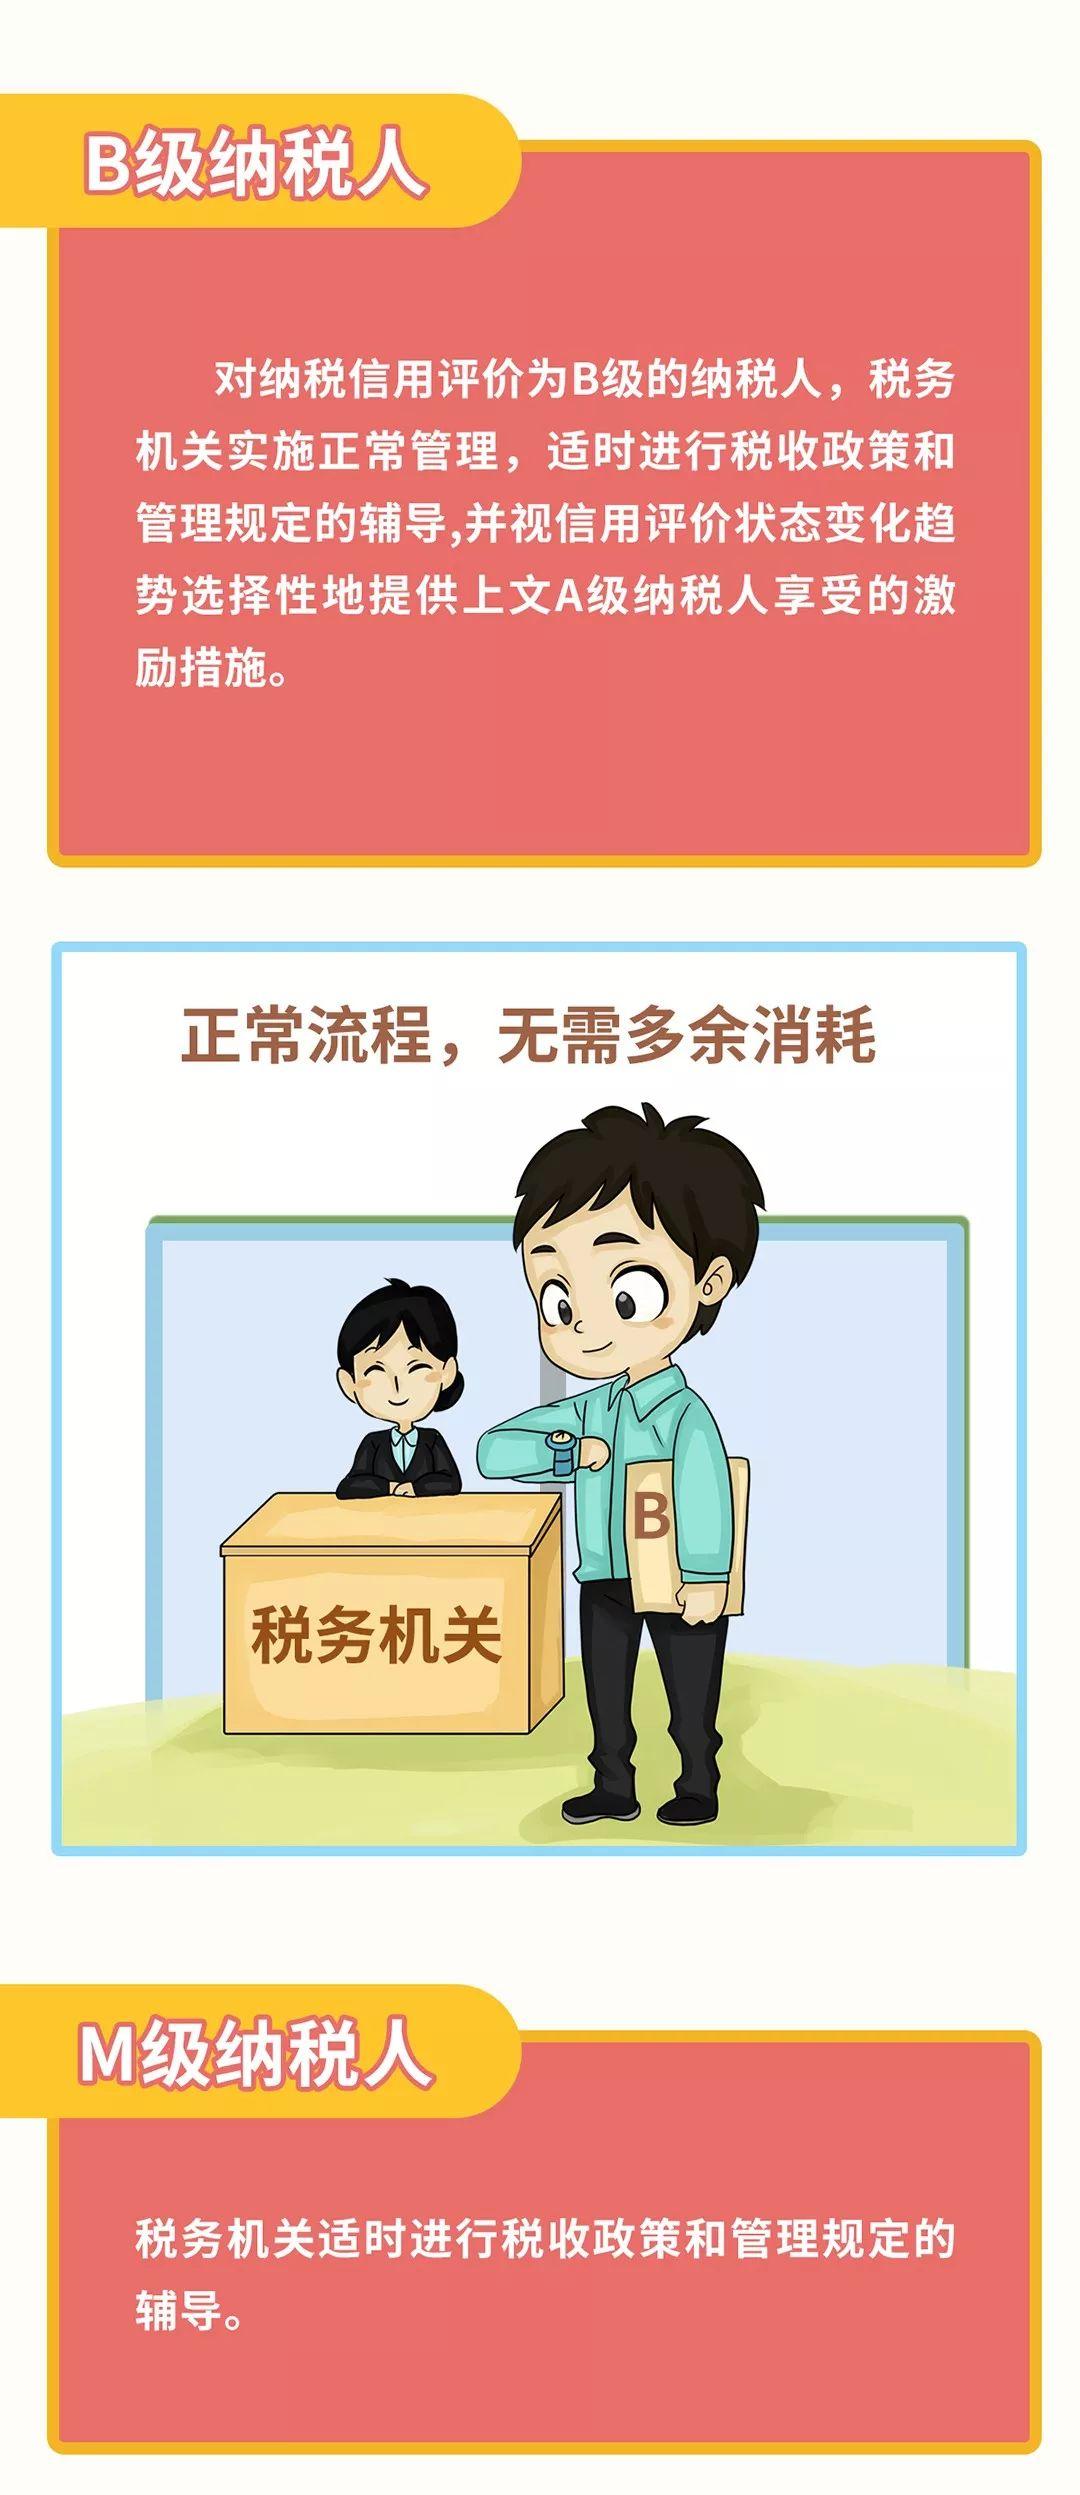 """【漫说信用】第三期:漫说""""纳税信用等级"""""""